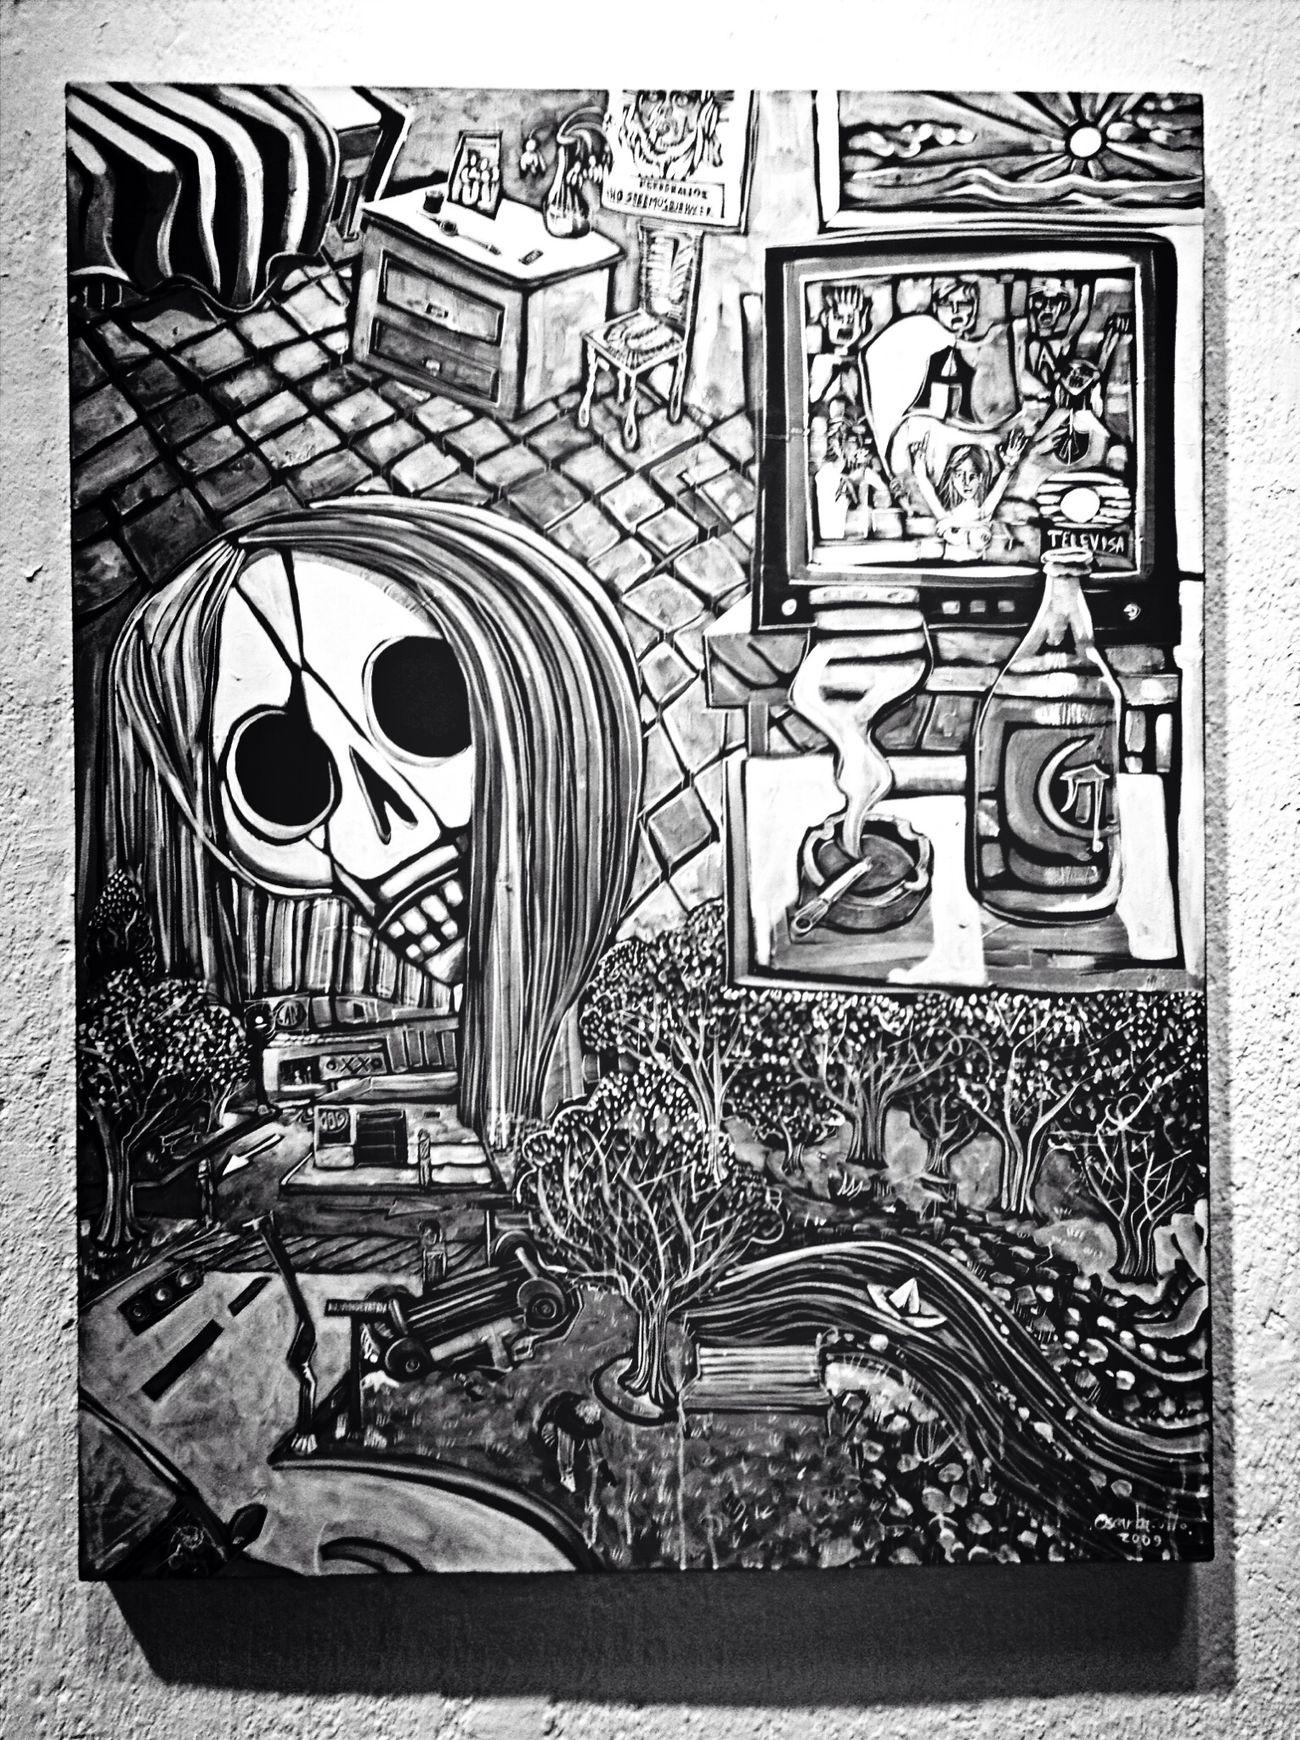 Art Ig_artgallery Black And White Black & White